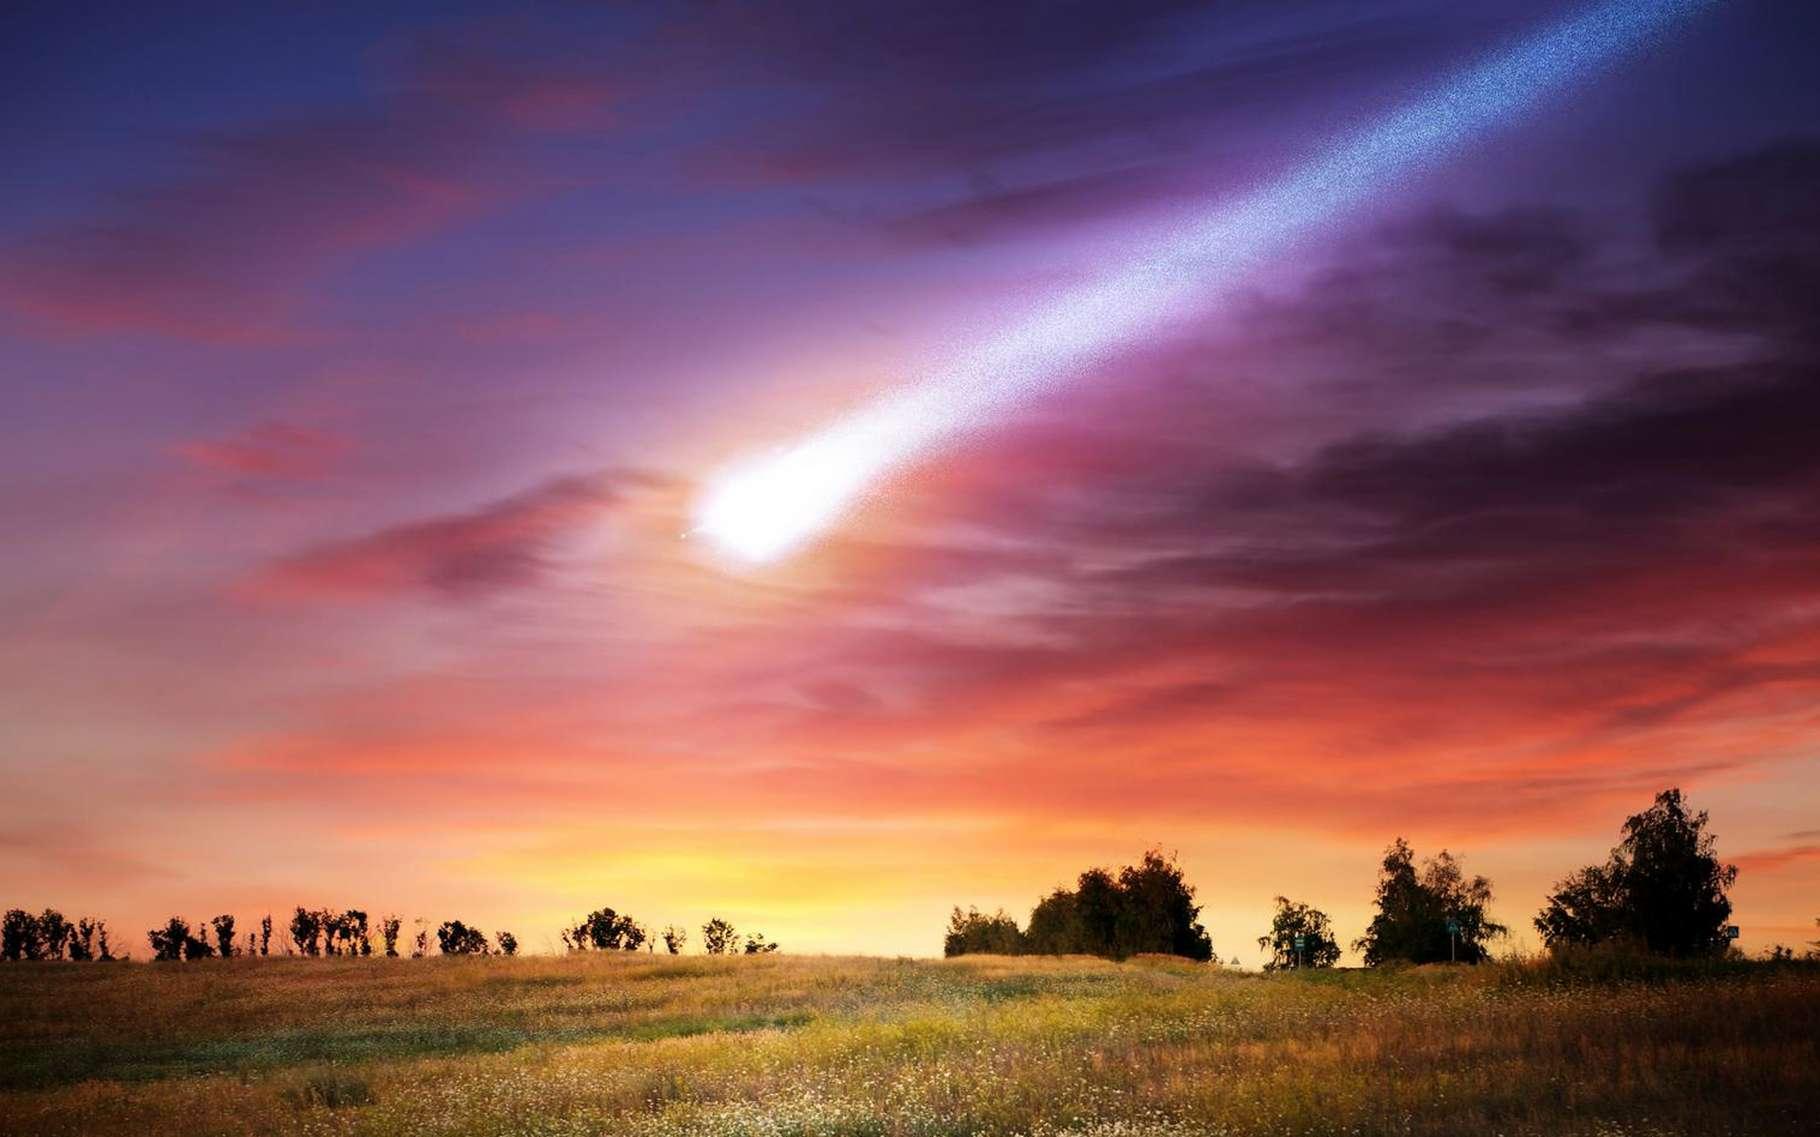 Un bolide est un météoroïde de grande taille qui laisse dans le ciel une trace lumineuse persistante. Image d'artiste inspirée d'éléments fournis par la Nasa. © Triff, Shutterstock